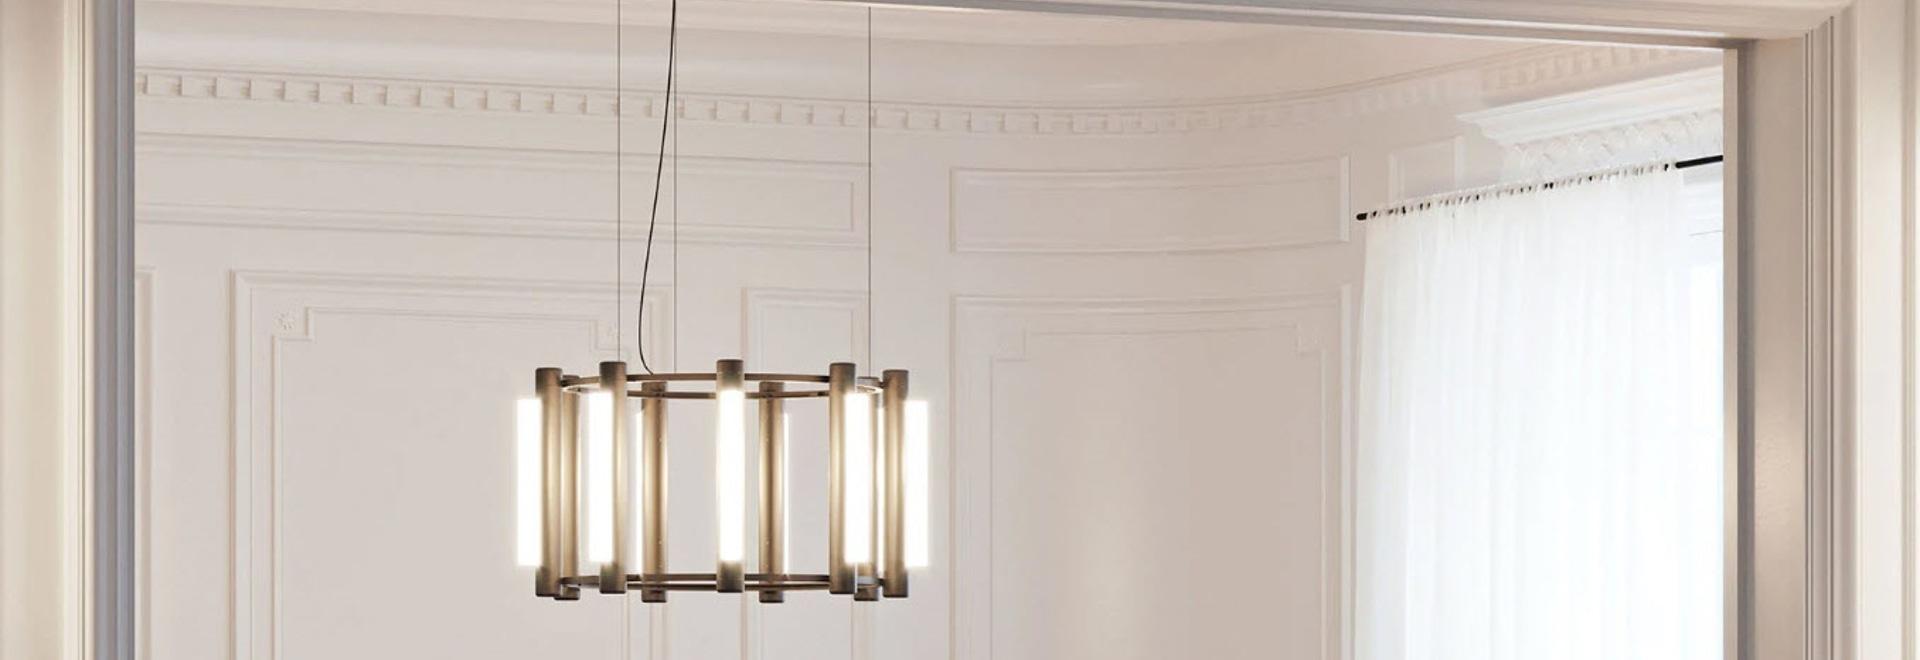 """Caine Heintzman estende la serie di apparecchi d'illuminazione """"pipeline"""" con design a lampadario per ANDlight"""